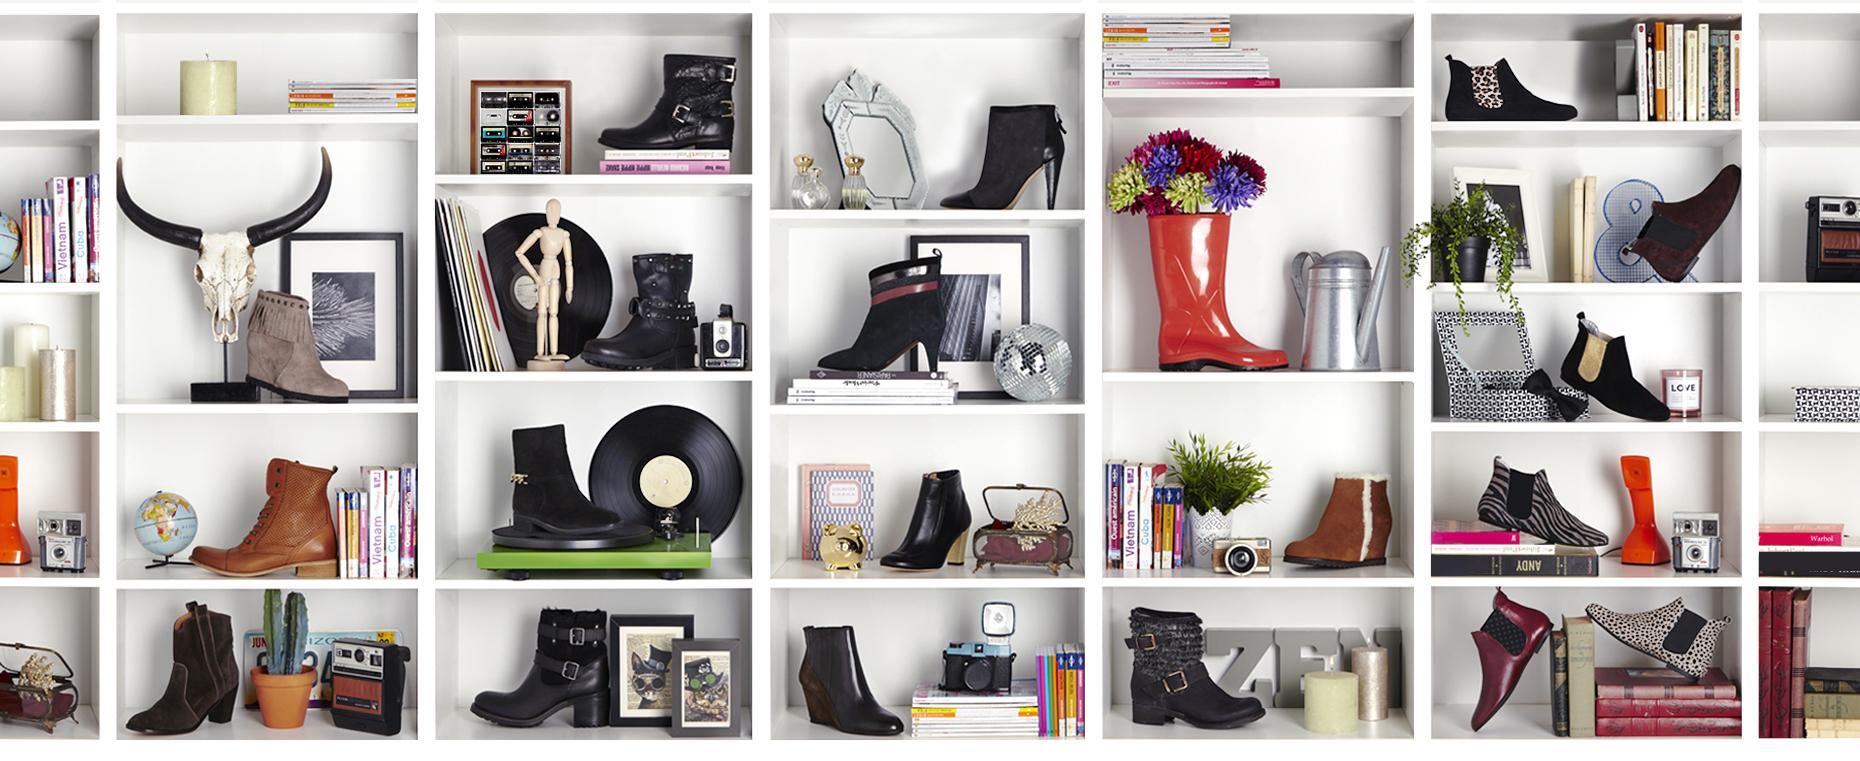 concours blog mode gagnez un bon d achat showroom prive.com get your boots